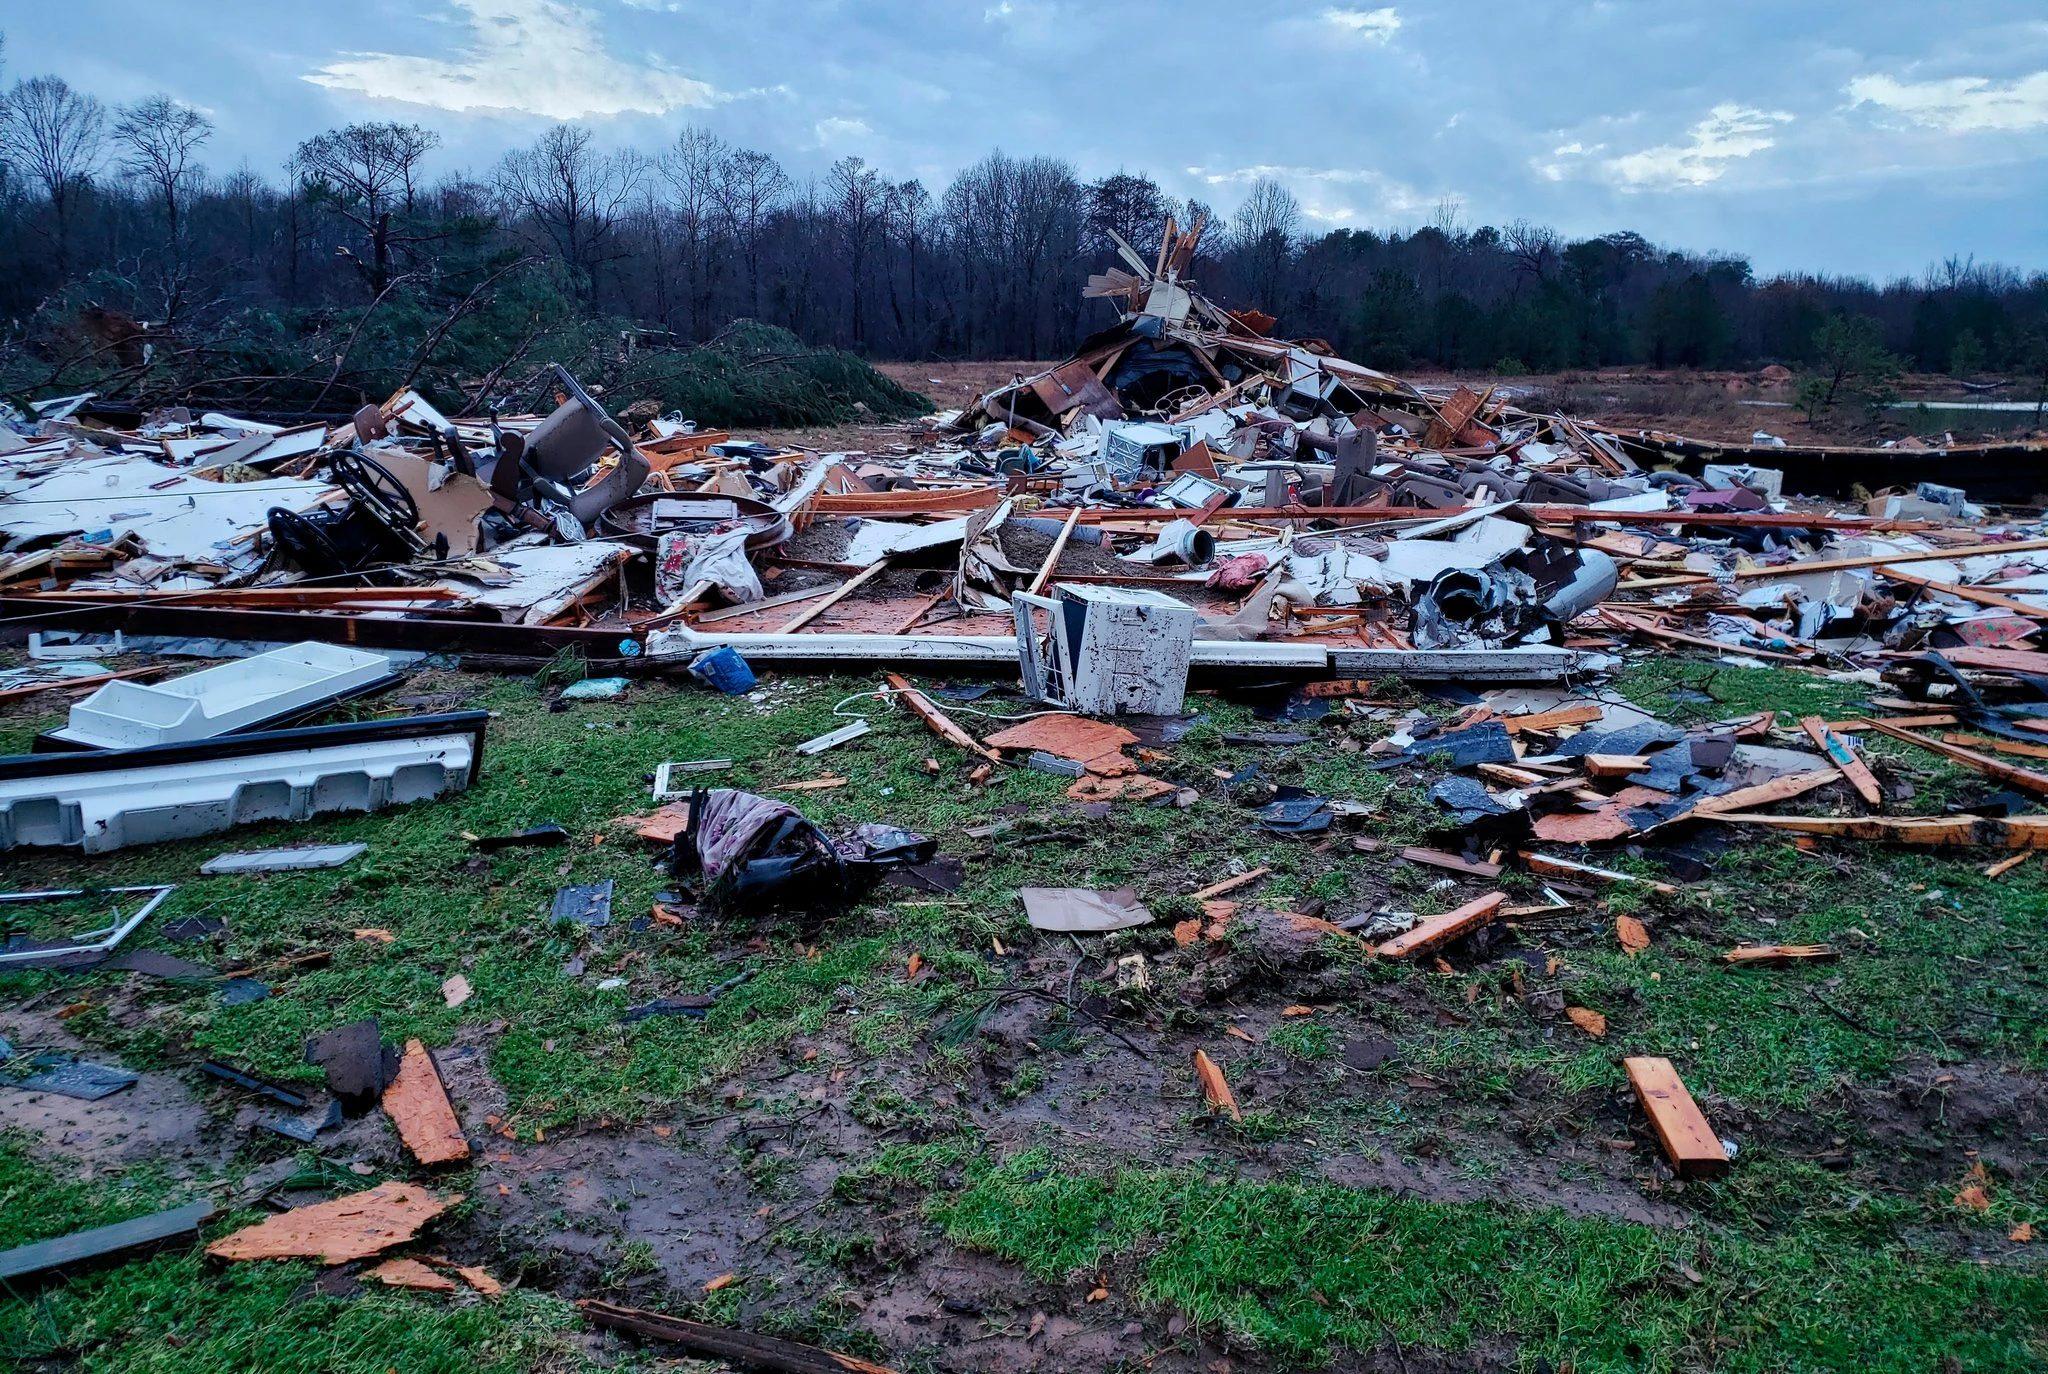 «Φονική» καραμπόλα στην Αλαμπάμα με δέκα νεκρούς, ανάμεσά τους 9 παιδιά από τροπική καταιγίδα